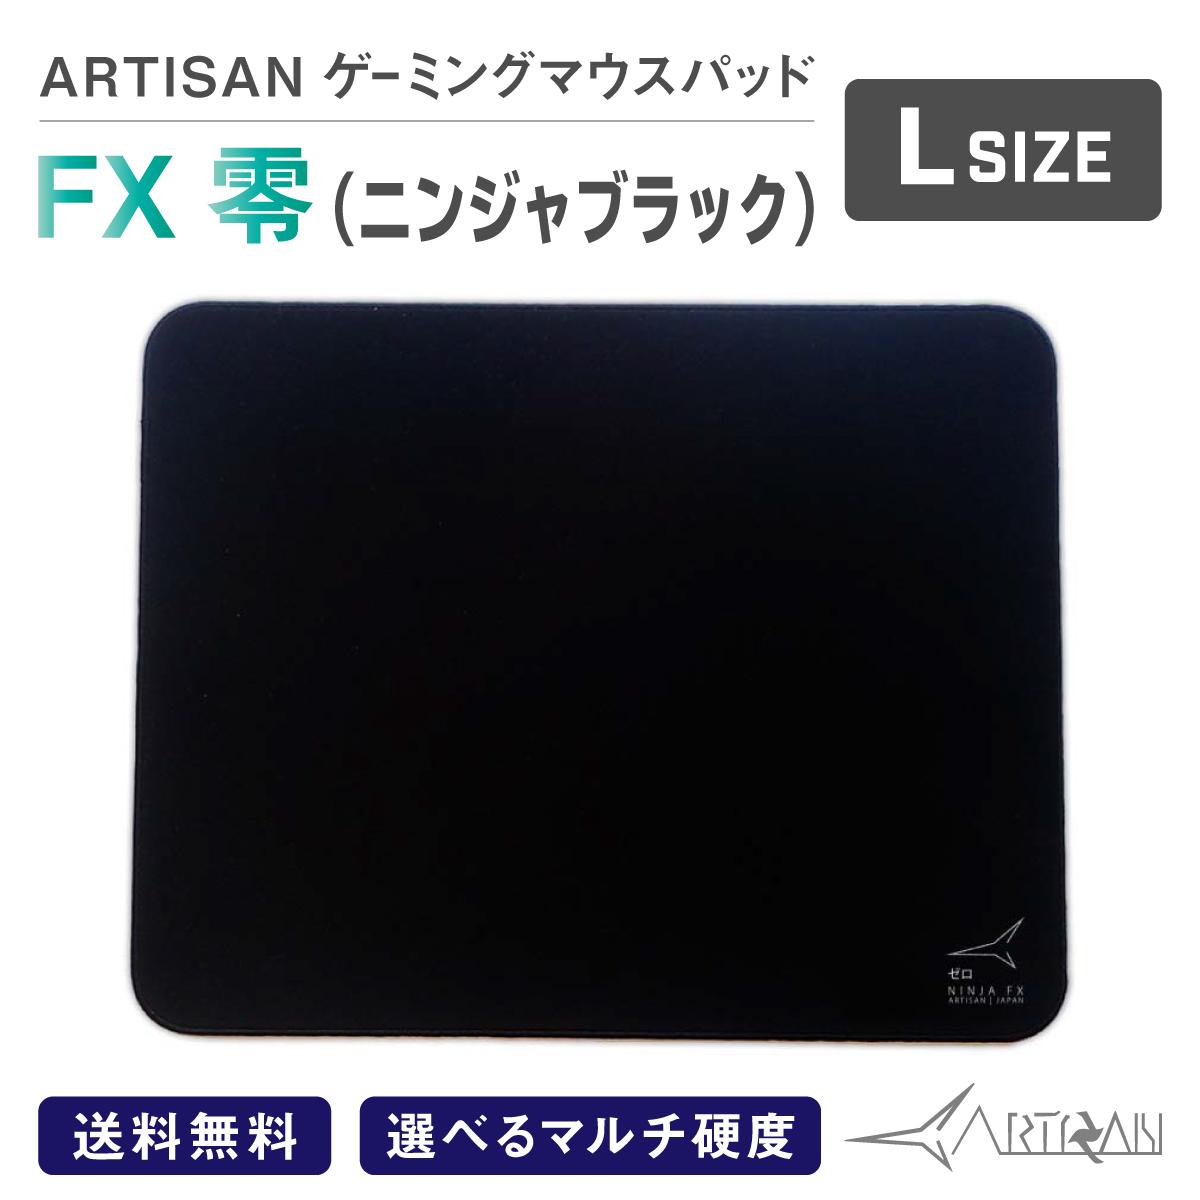 ARTISAN ゲーミング マウスパット を越えたスポーツパッド ARTISAN FX零 ブラック Lサイズ ゲーミング マウスパッド を越えた eスポーツ パッド 選べるマルチ硬度 ゲーム シンプル ハード ソフト 滑り止め 巻きグセがつきにくい